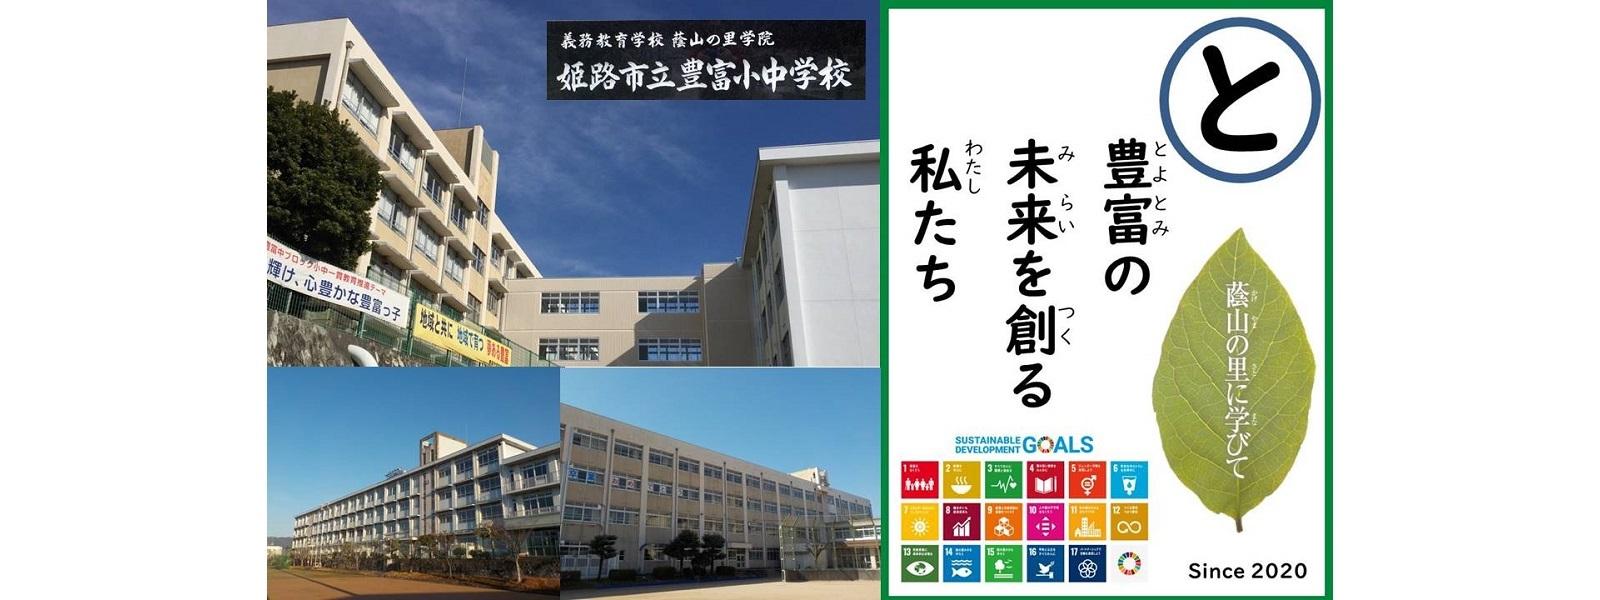 中学校 ホームページ 松崎